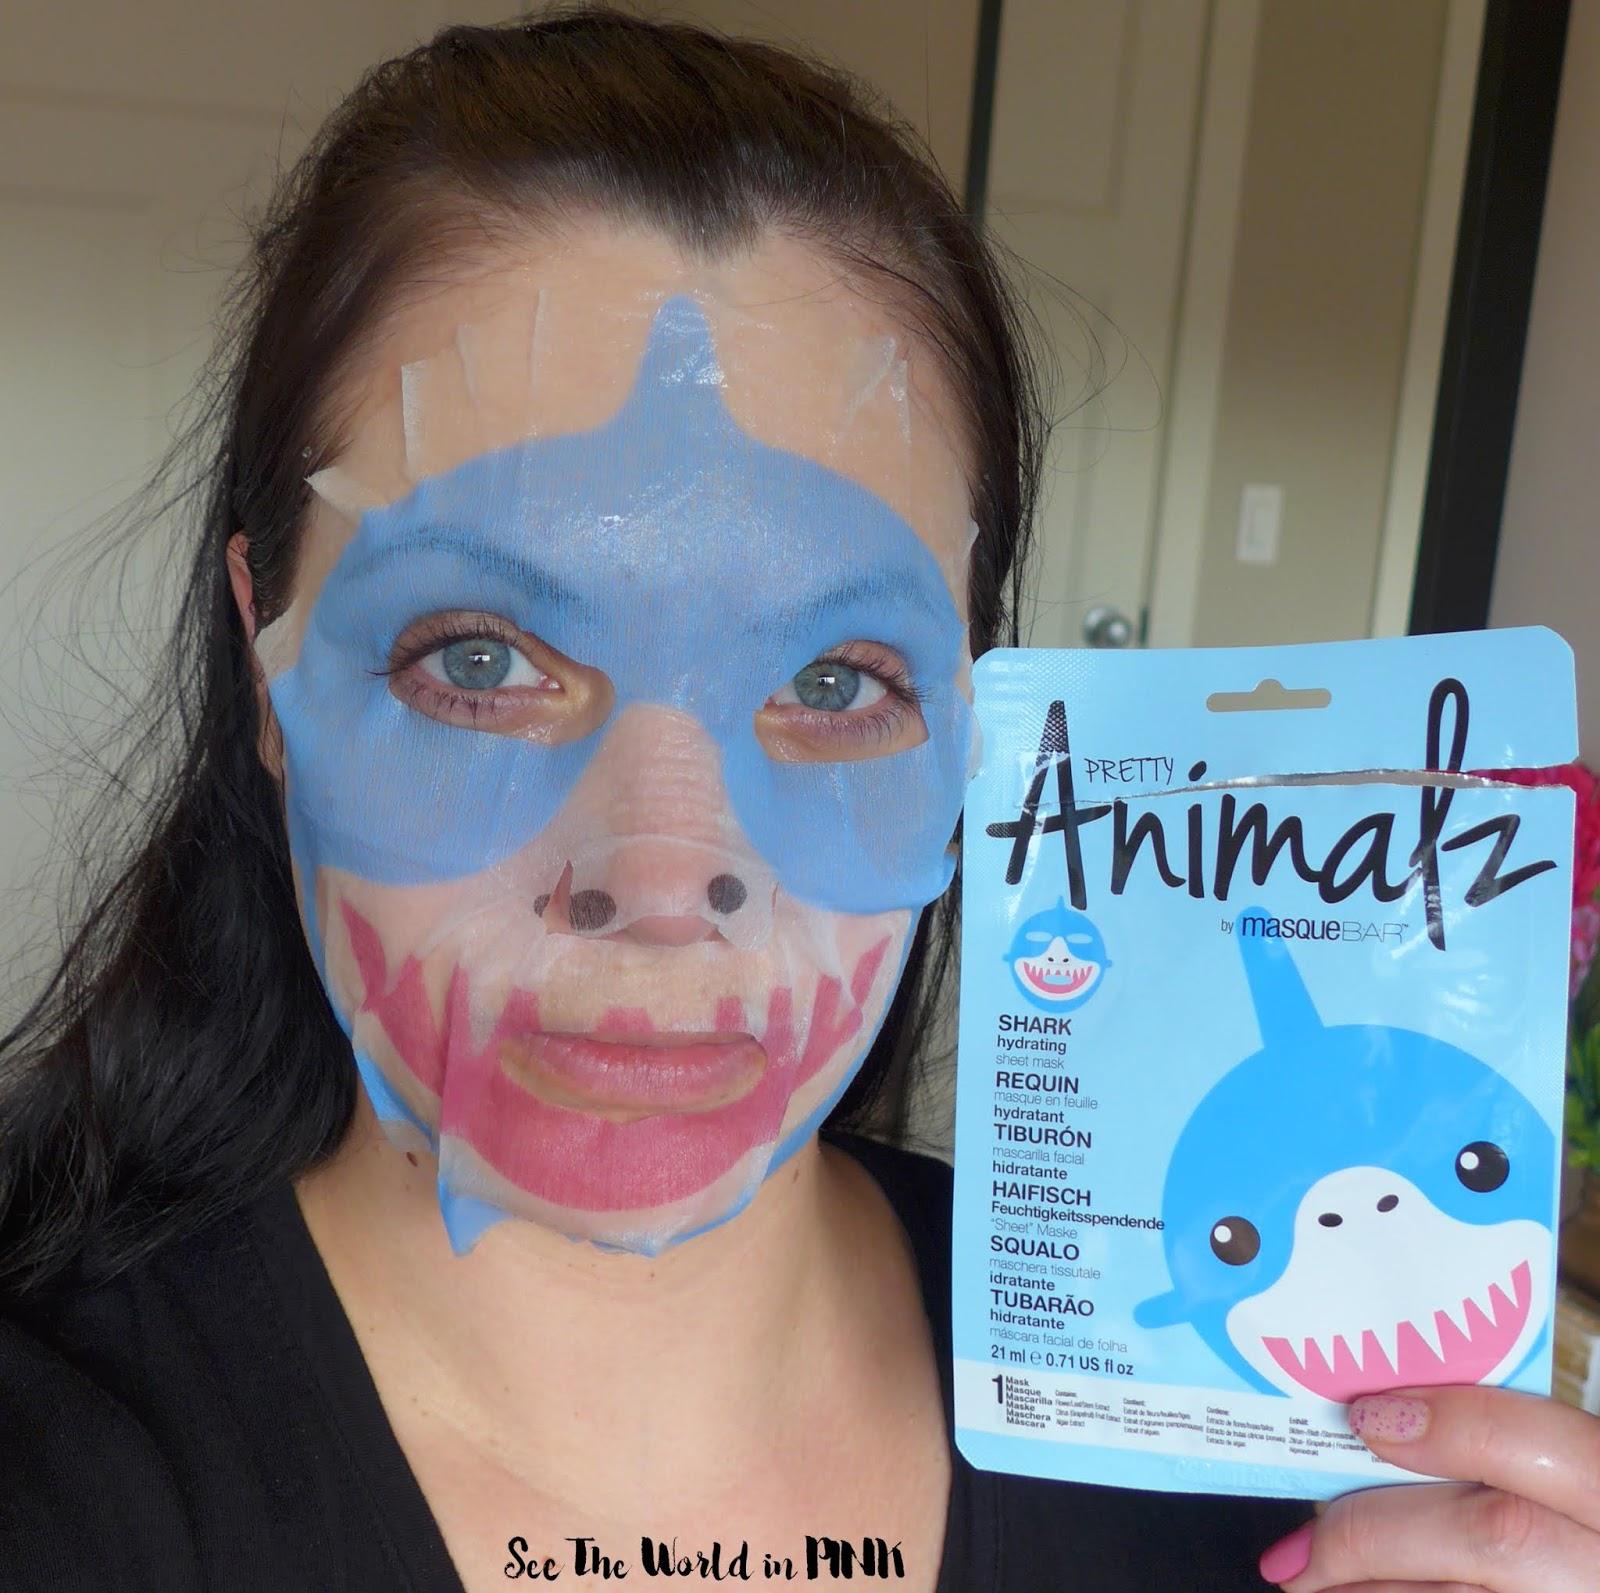 Masque Bar Pretty Animalz Shark Mask